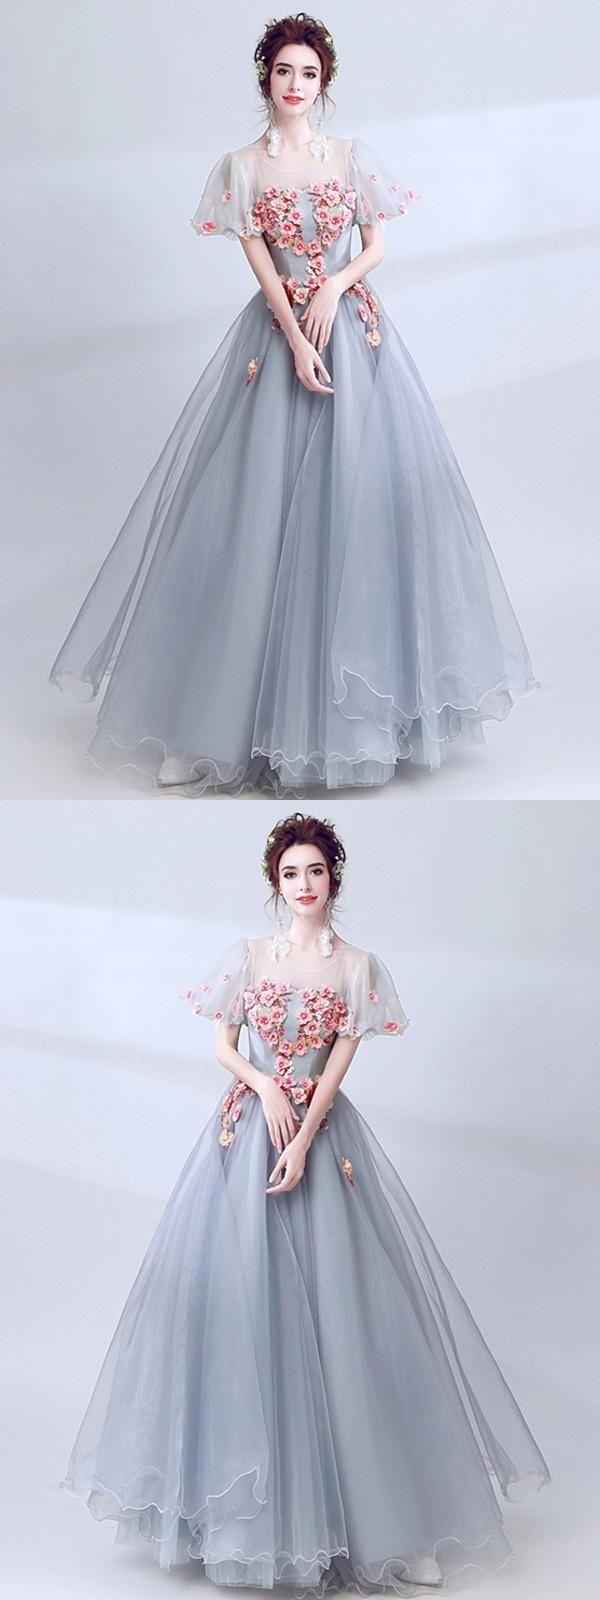 beautydresses | schöne kleidung, lange kleider, schöne kleider